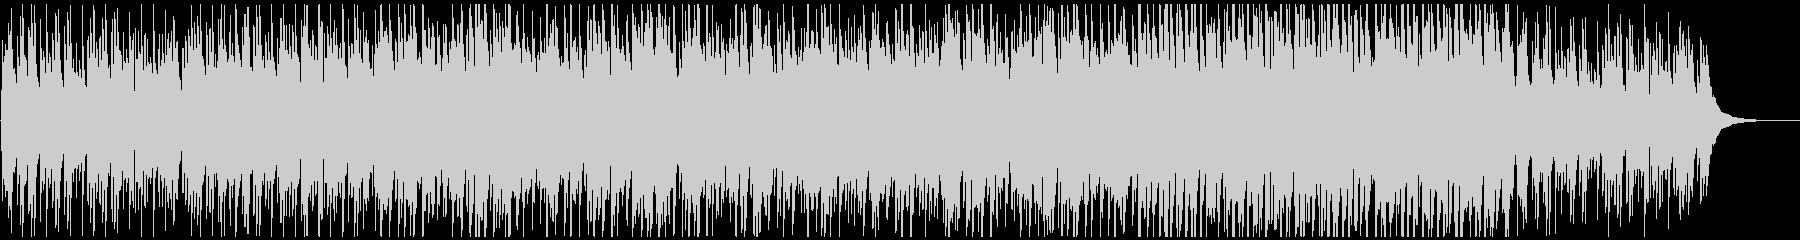 サイエンス系CMや映像に温かみあるピアノの未再生の波形